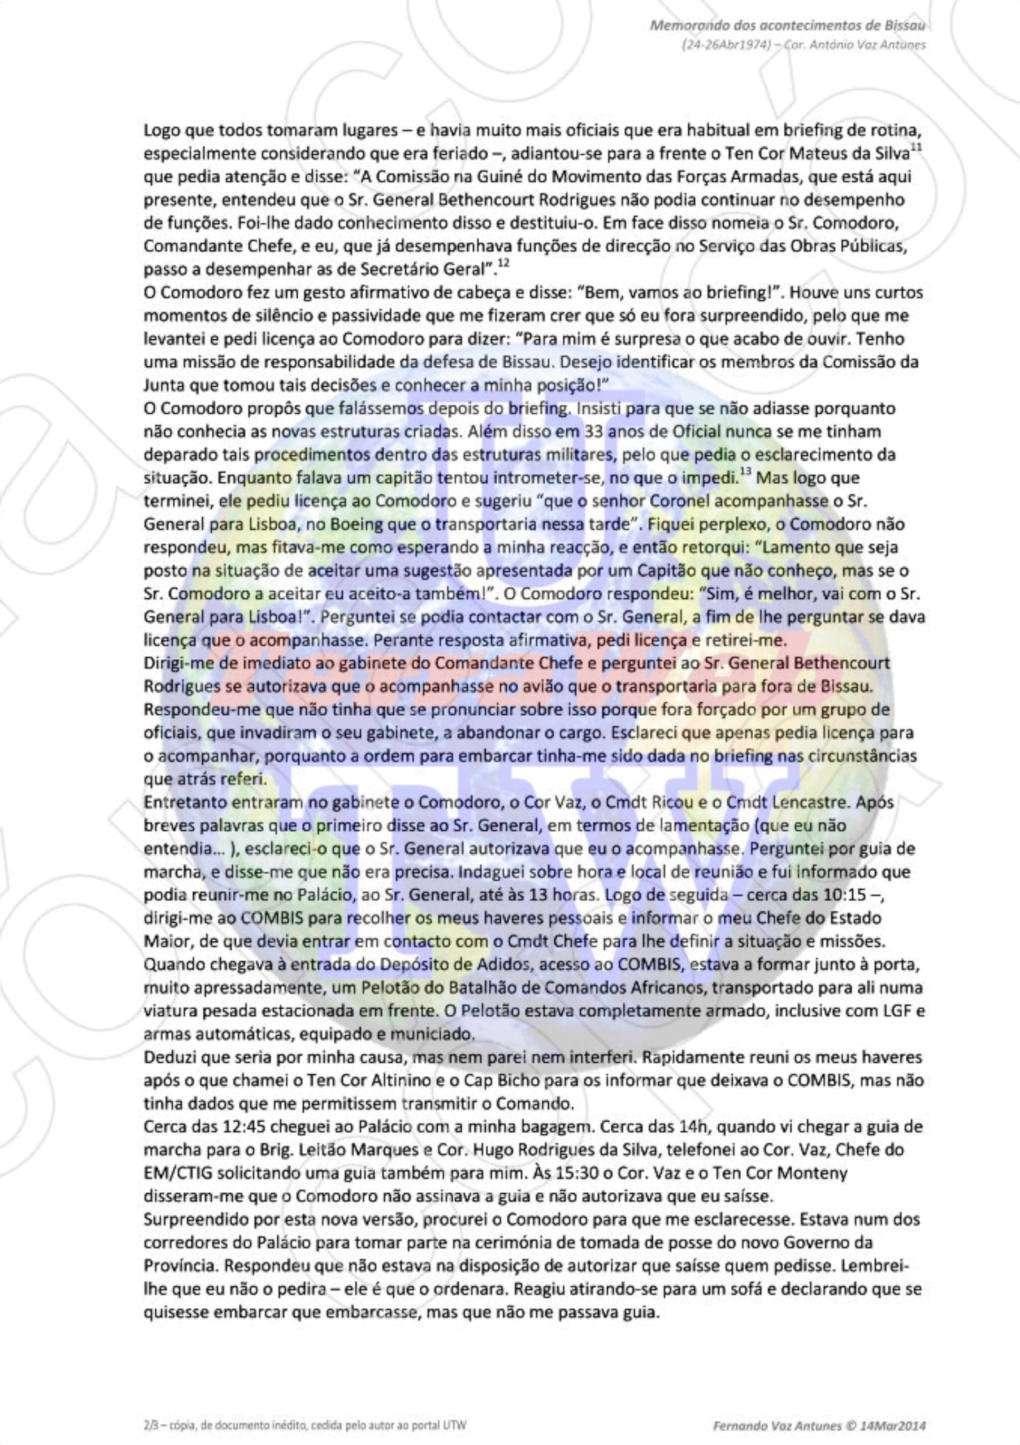 Cor António Vaz Antunes: Memorando dos acontecimentos de Bissau - entre 24 e 26 de Abril de 1974 2pagin10